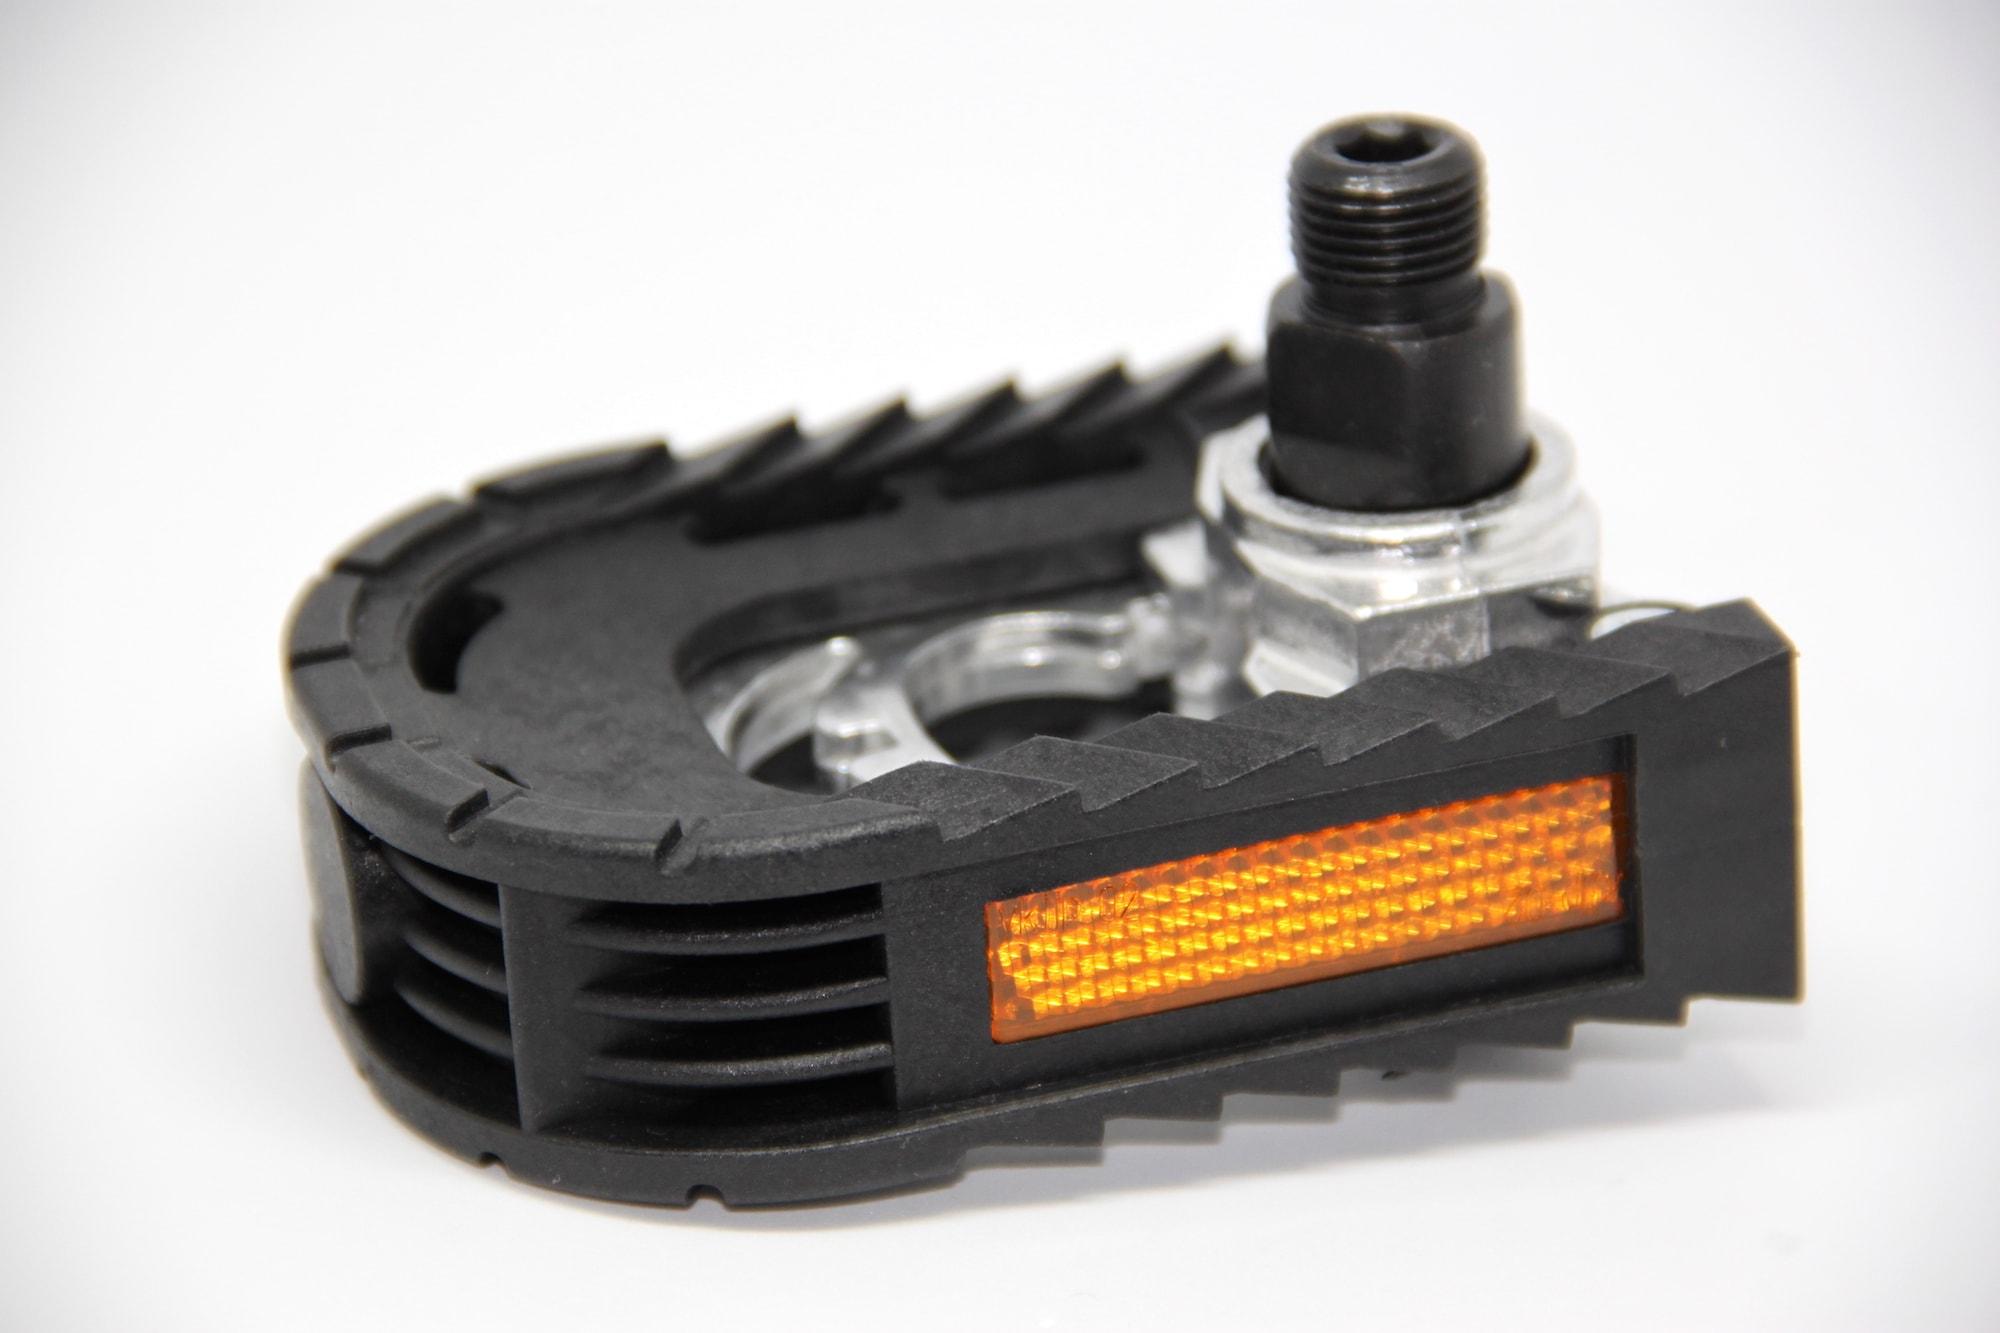 Fahrrad-Pedal eingeklappt mit Reflektor